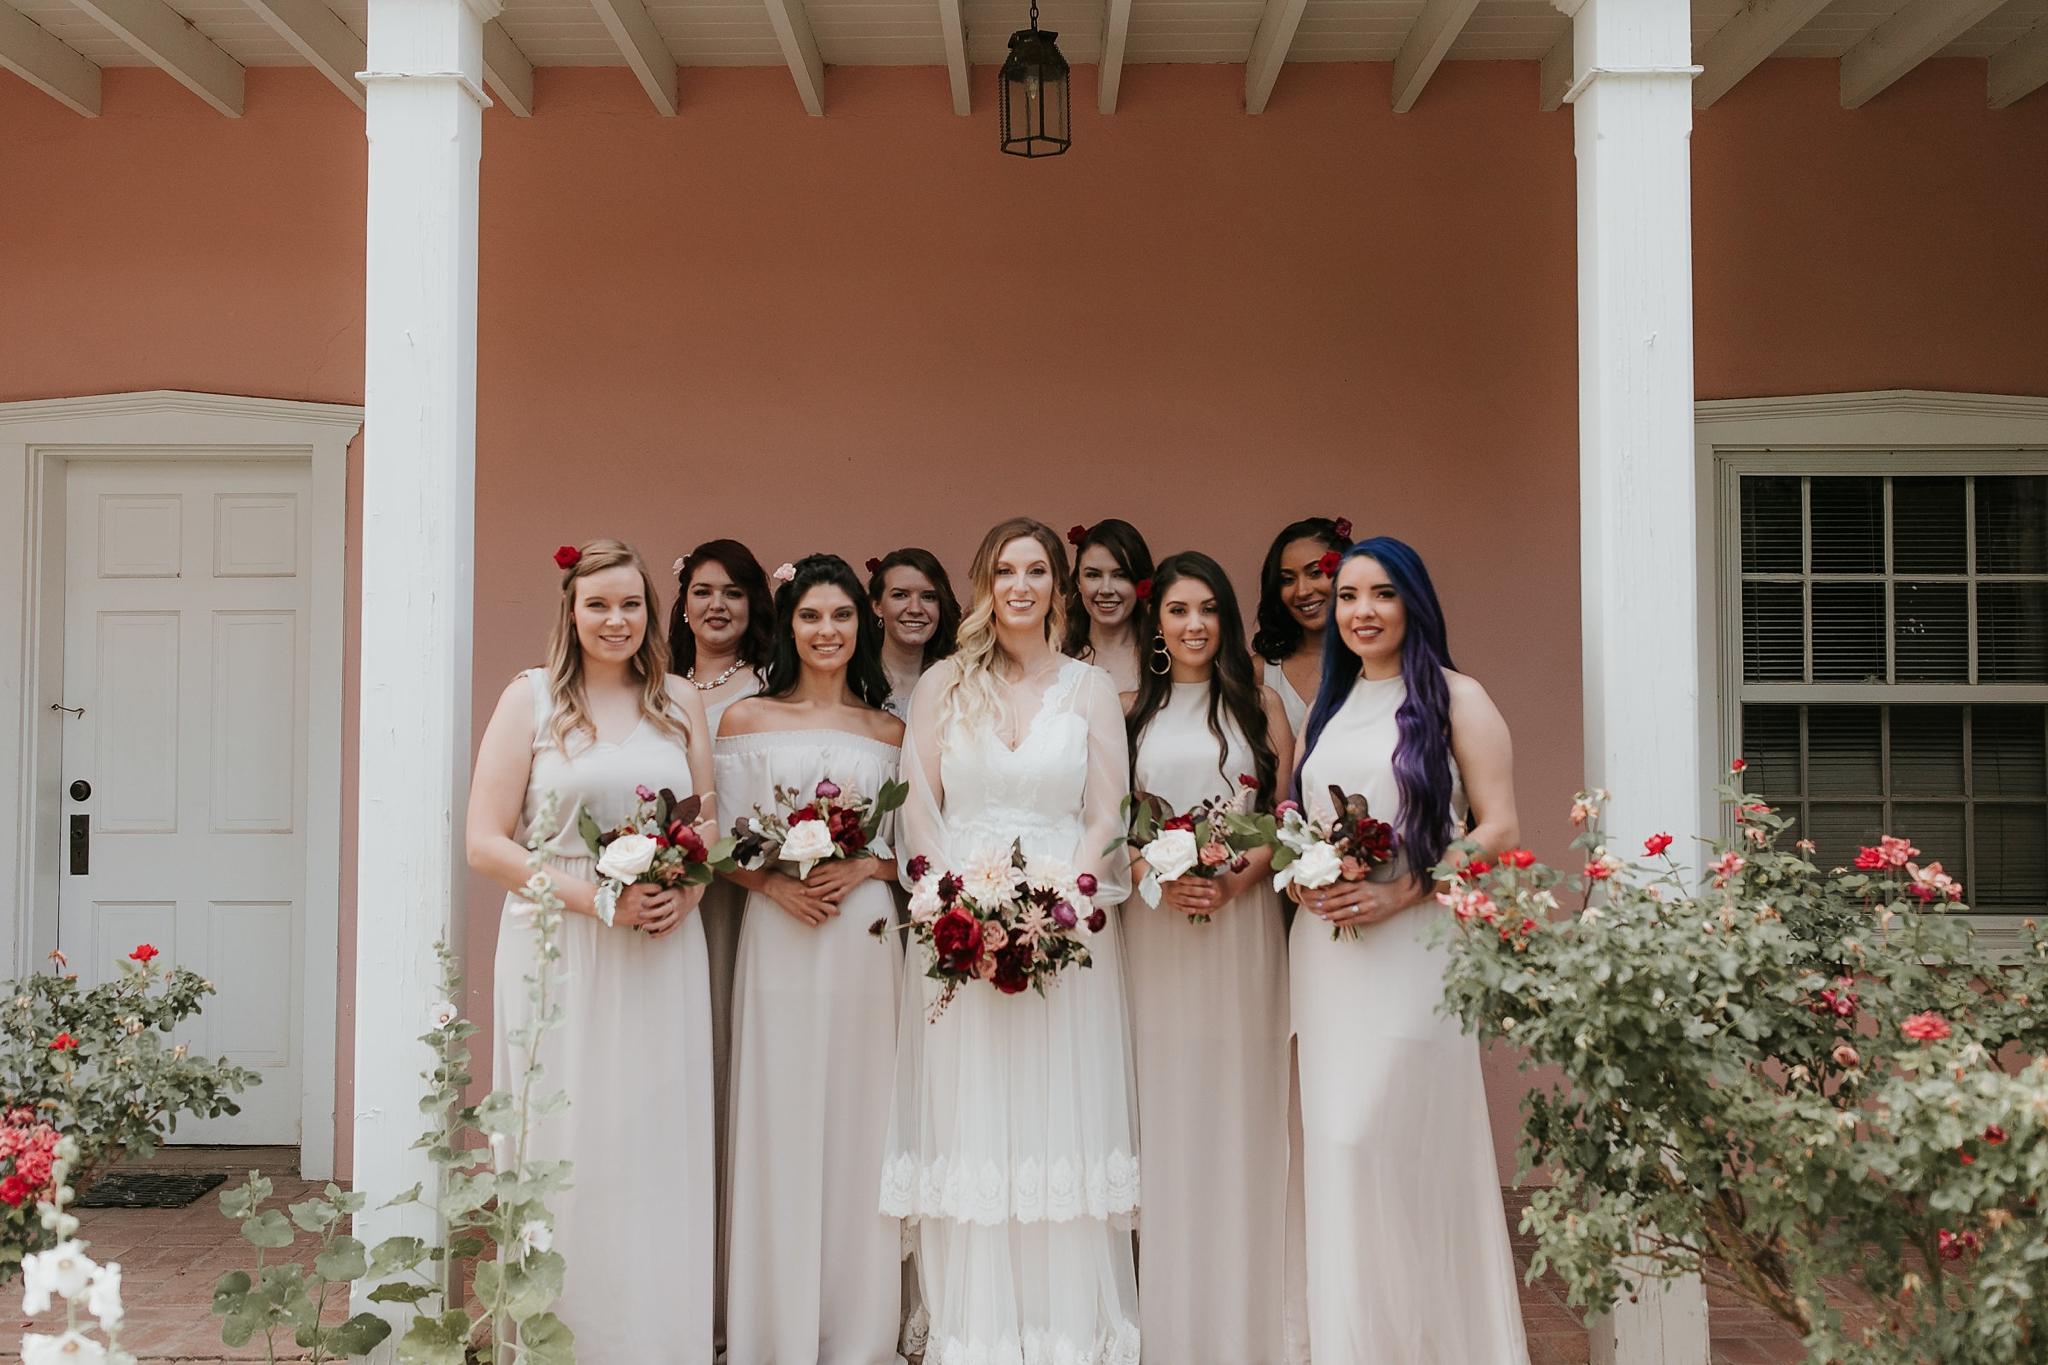 Alicia+lucia+photography+-+albuquerque+wedding+photographer+-+santa+fe+wedding+photography+-+new+mexico+wedding+photographer+-+new+mexico+wedding+-+new+mexico+wedding+-+colorado+wedding+-+bridesmaids+-+bridesmaid+style_0030.jpg